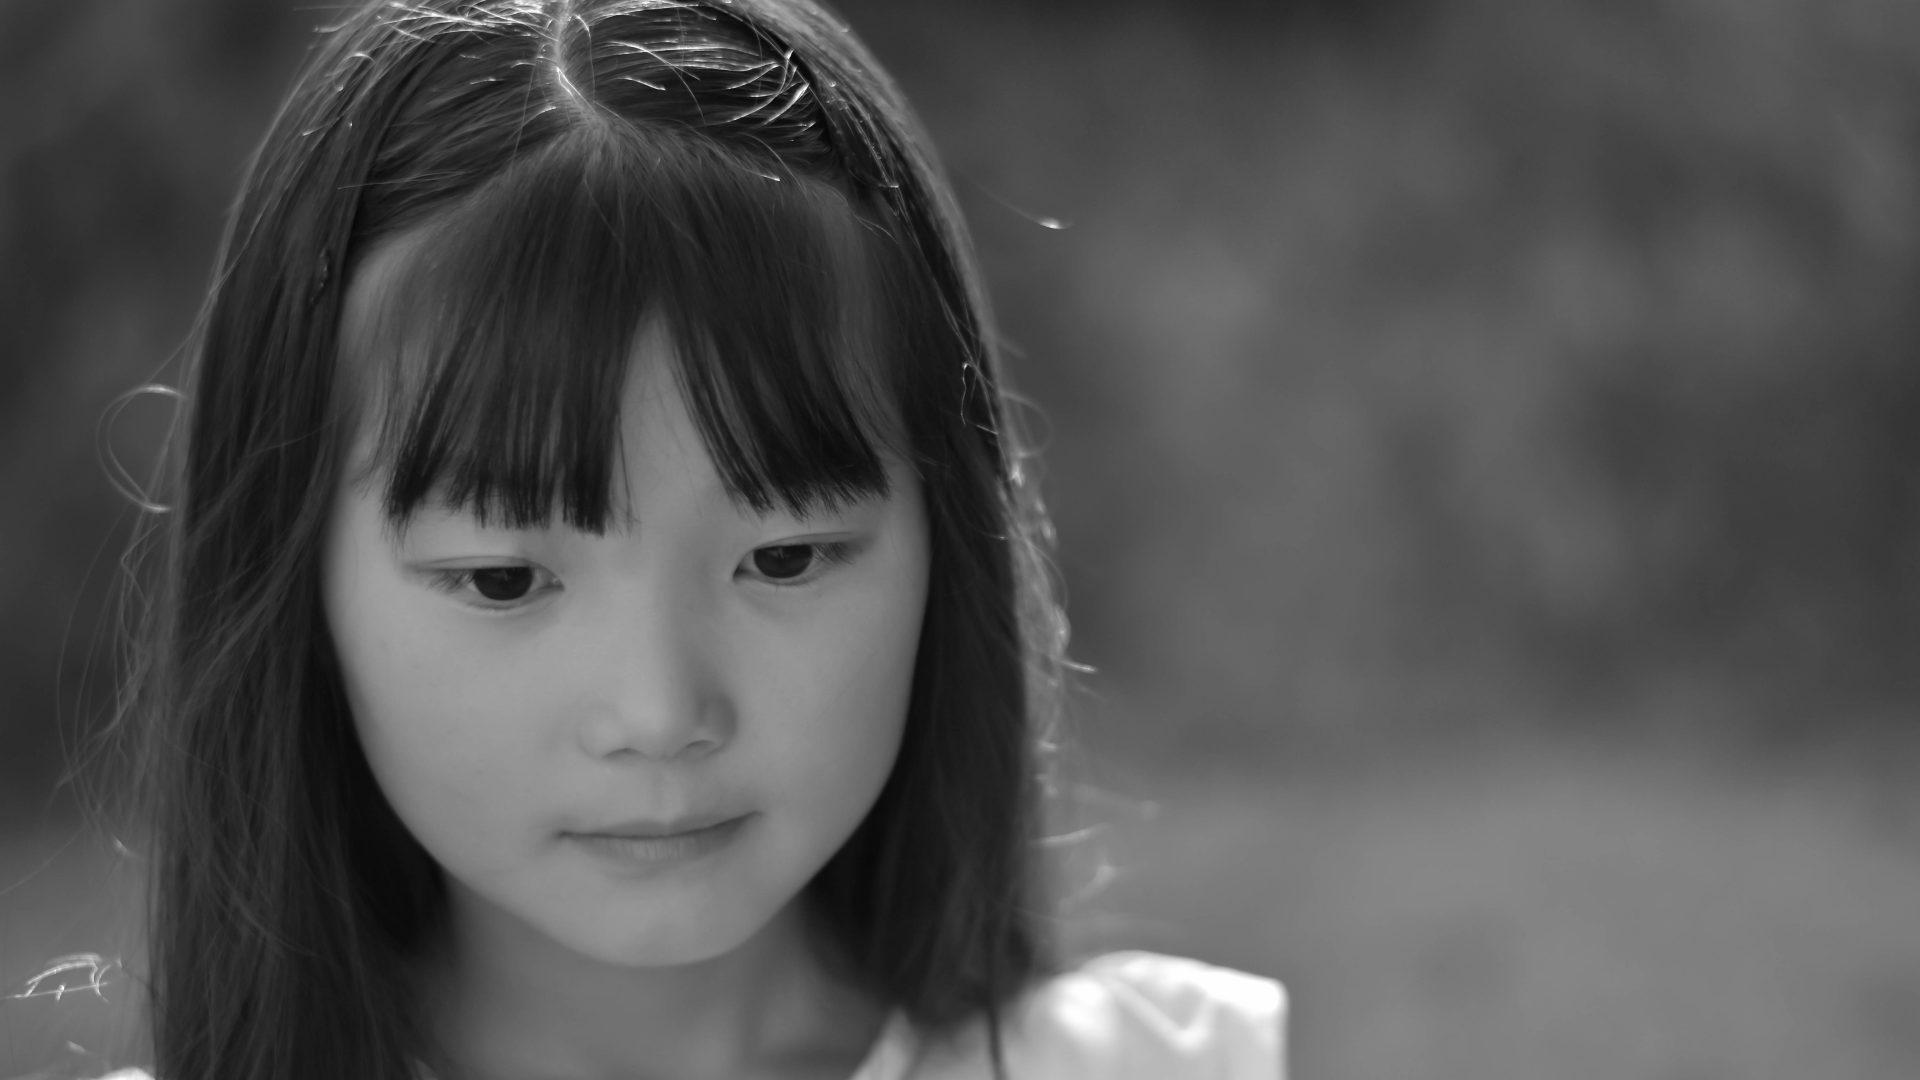 子供にも、養子縁組を無理強いしない